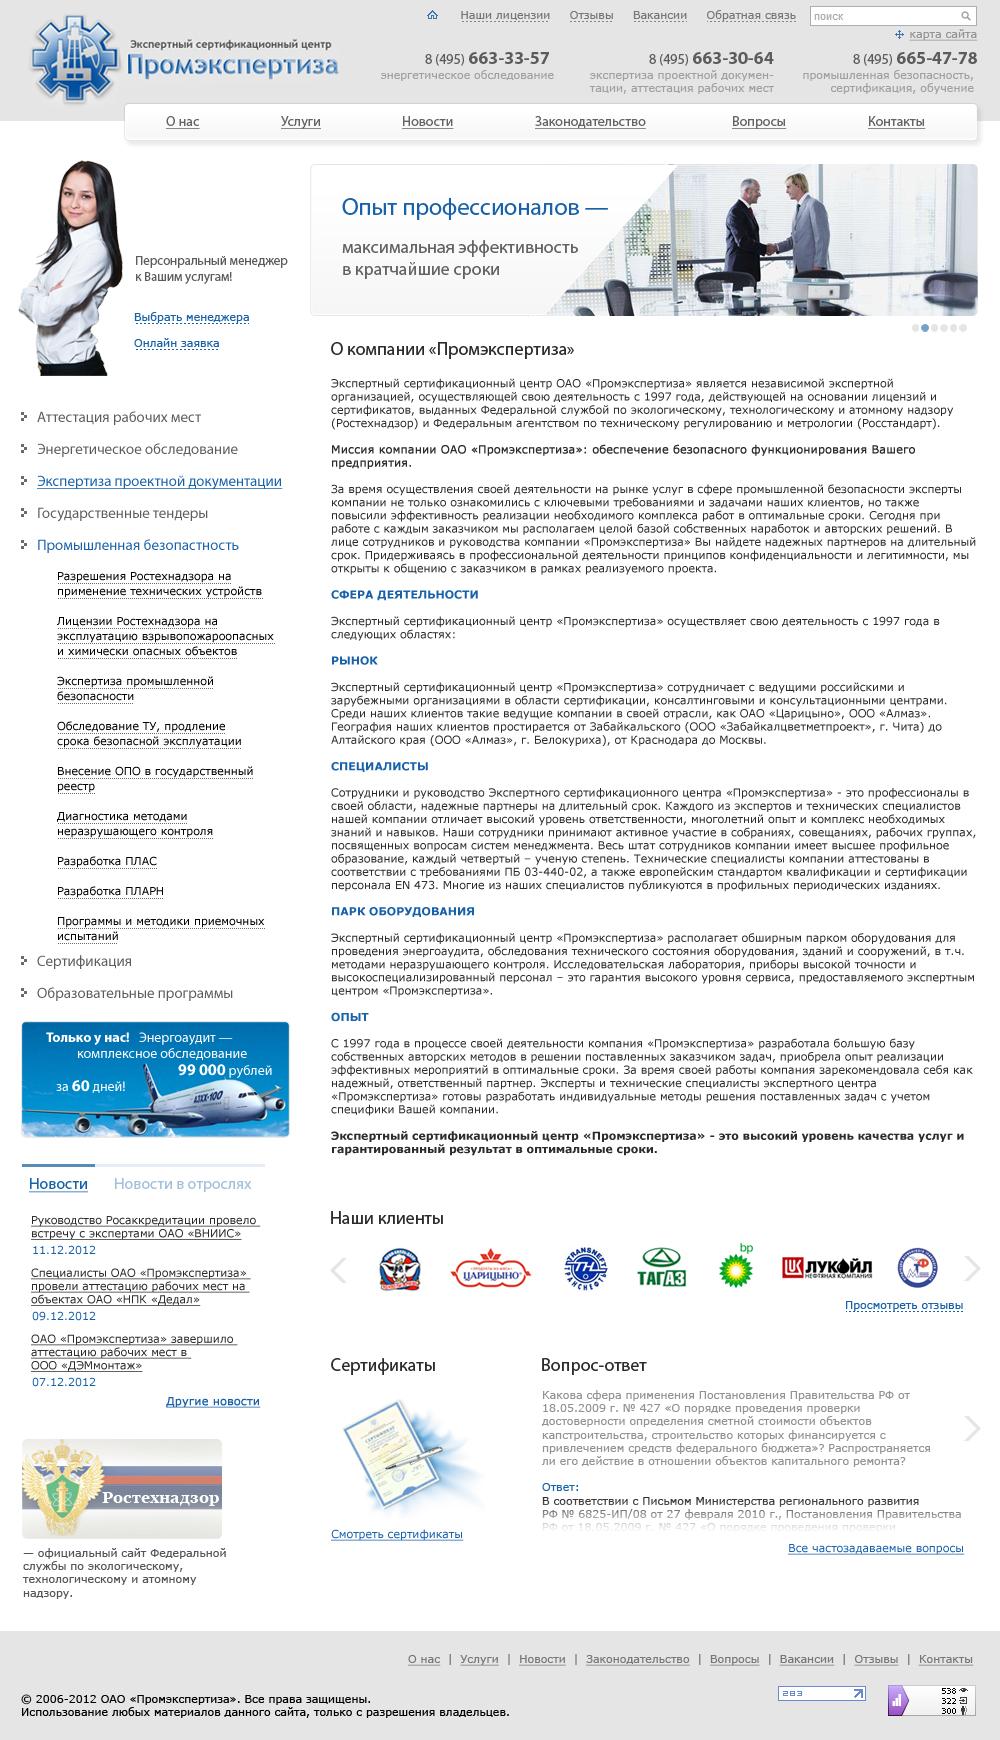 Промэкспертиза - экспертный сертификационный центр